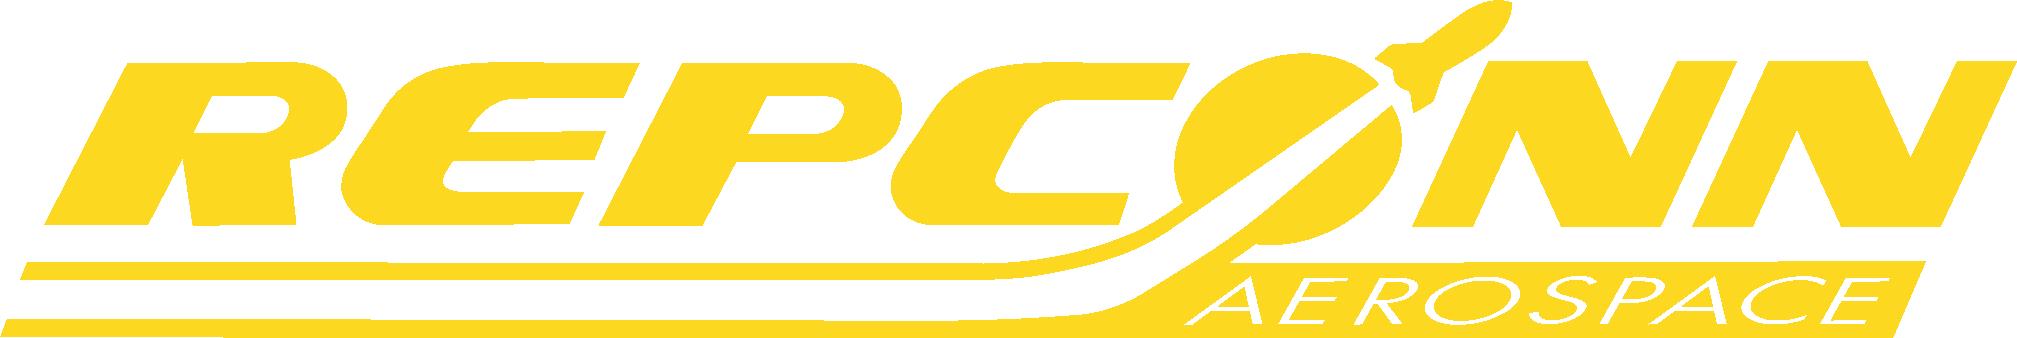 File:Repconn logo.png